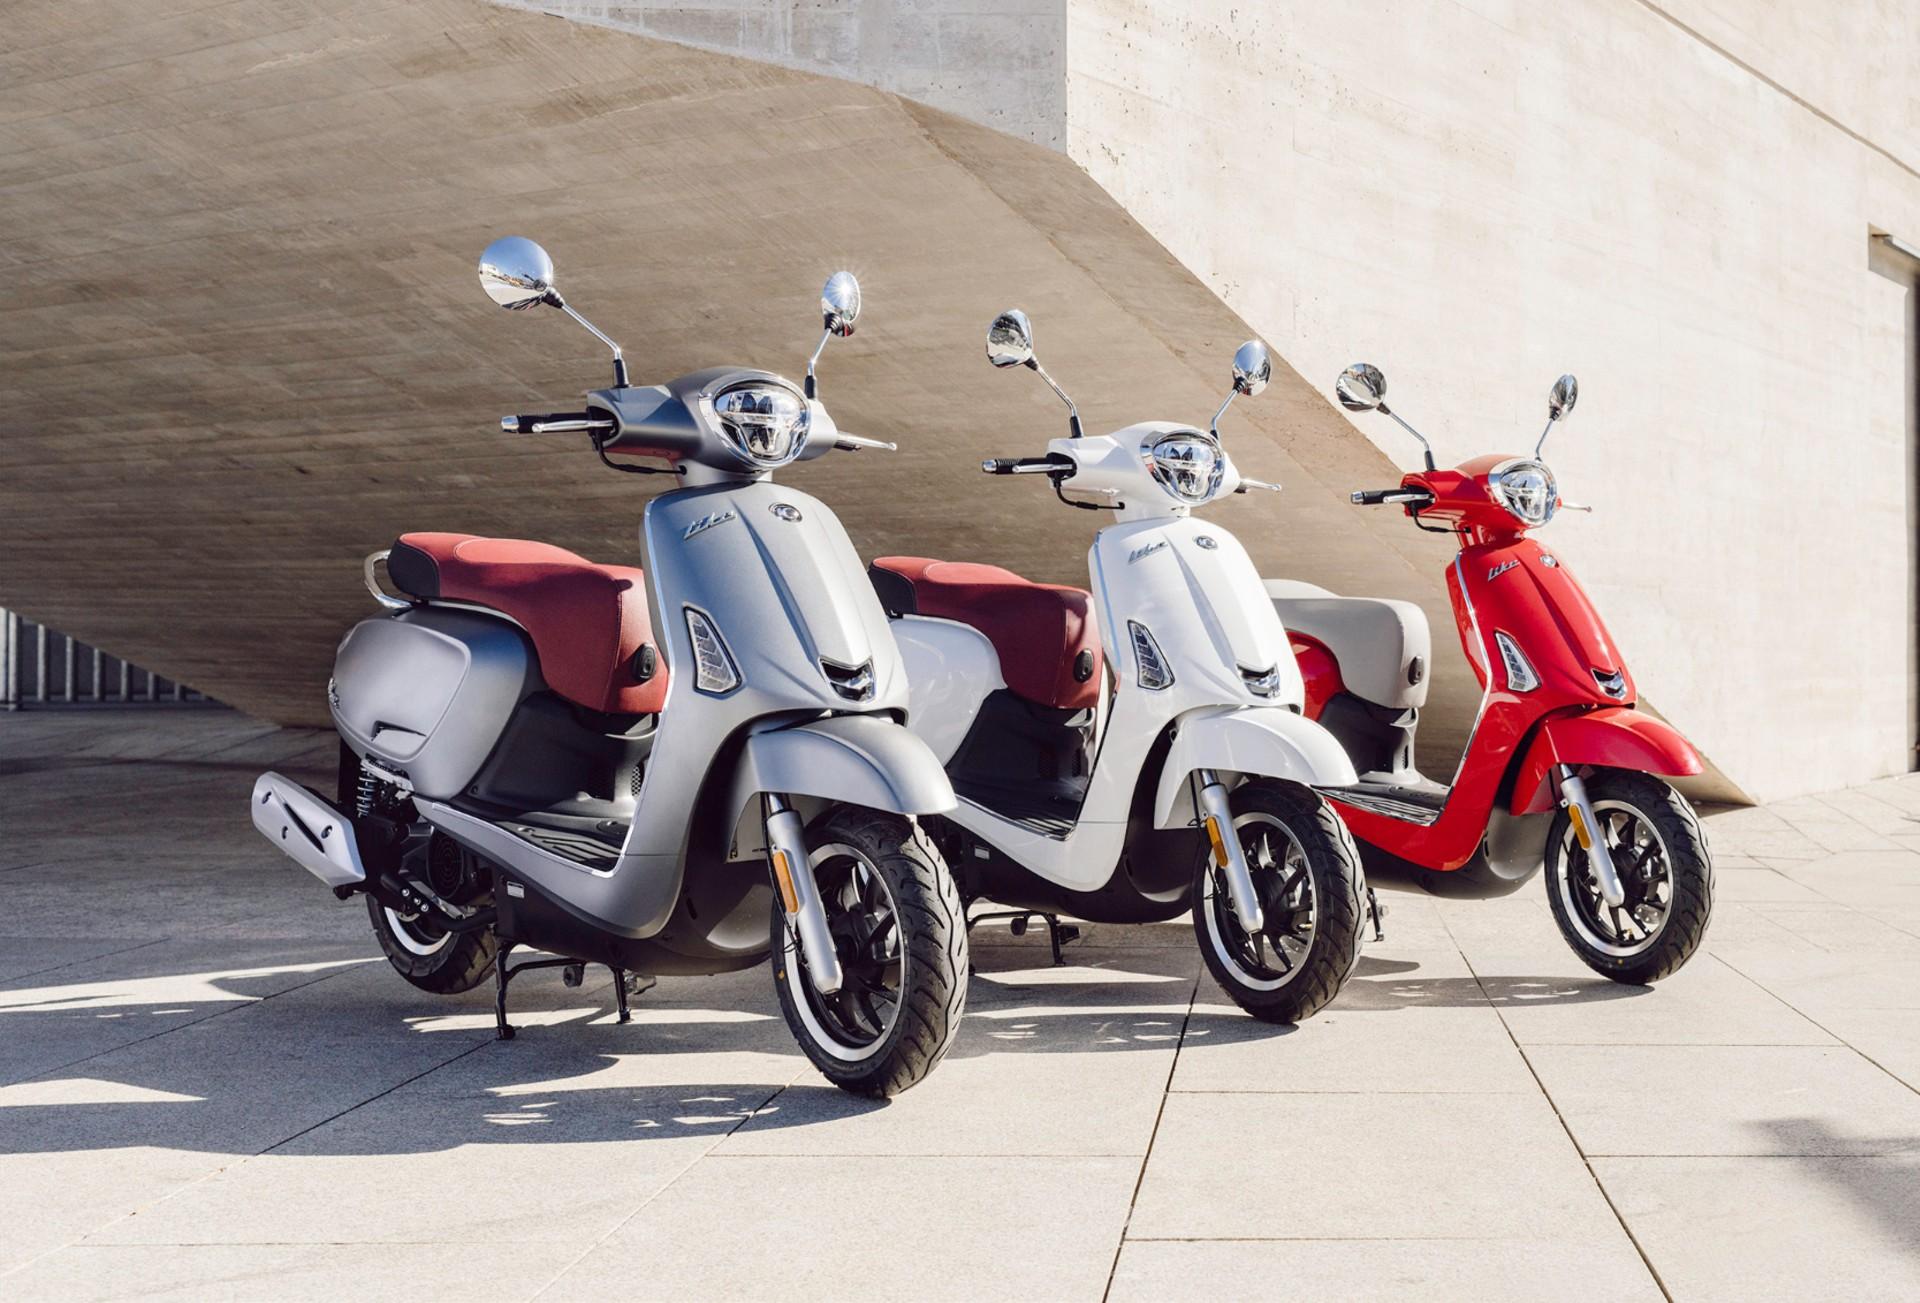 Las matriculaciones de motos crecieron un 20% en el mes de julio